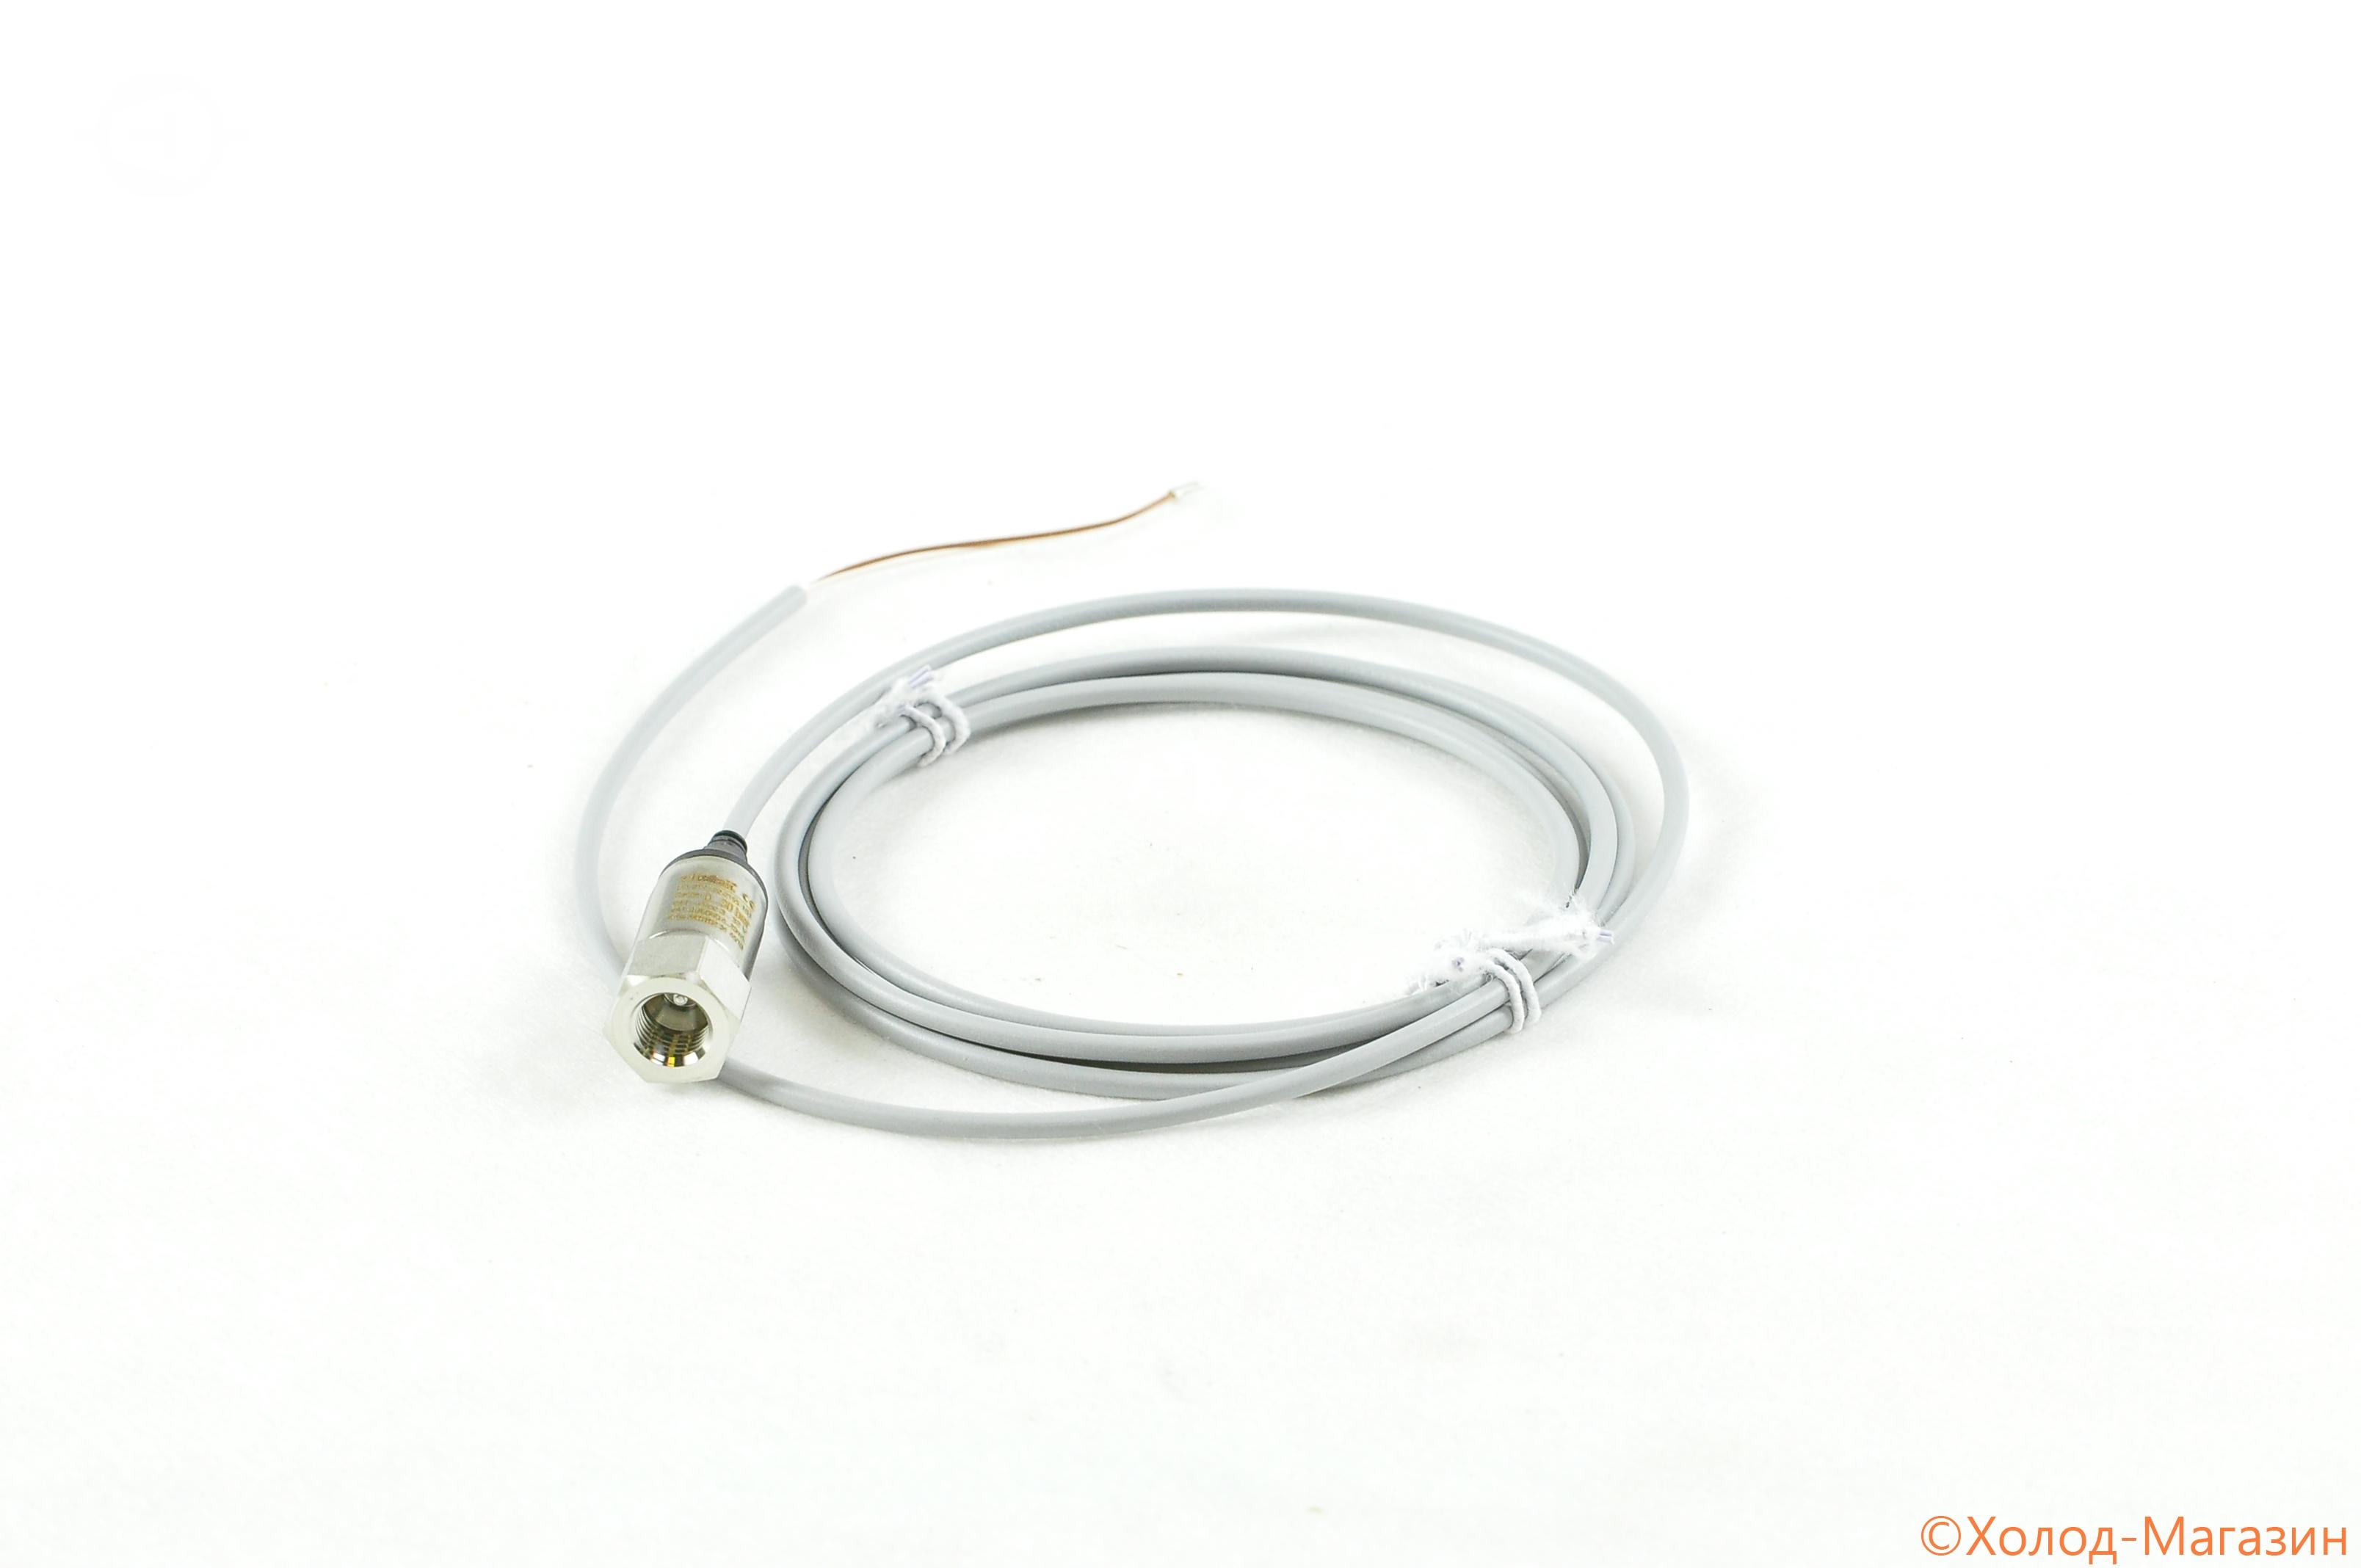 Датчик давления Dixell PP30 2,0MT PVC KLR 0+30 BAR REL FE 4...20mA